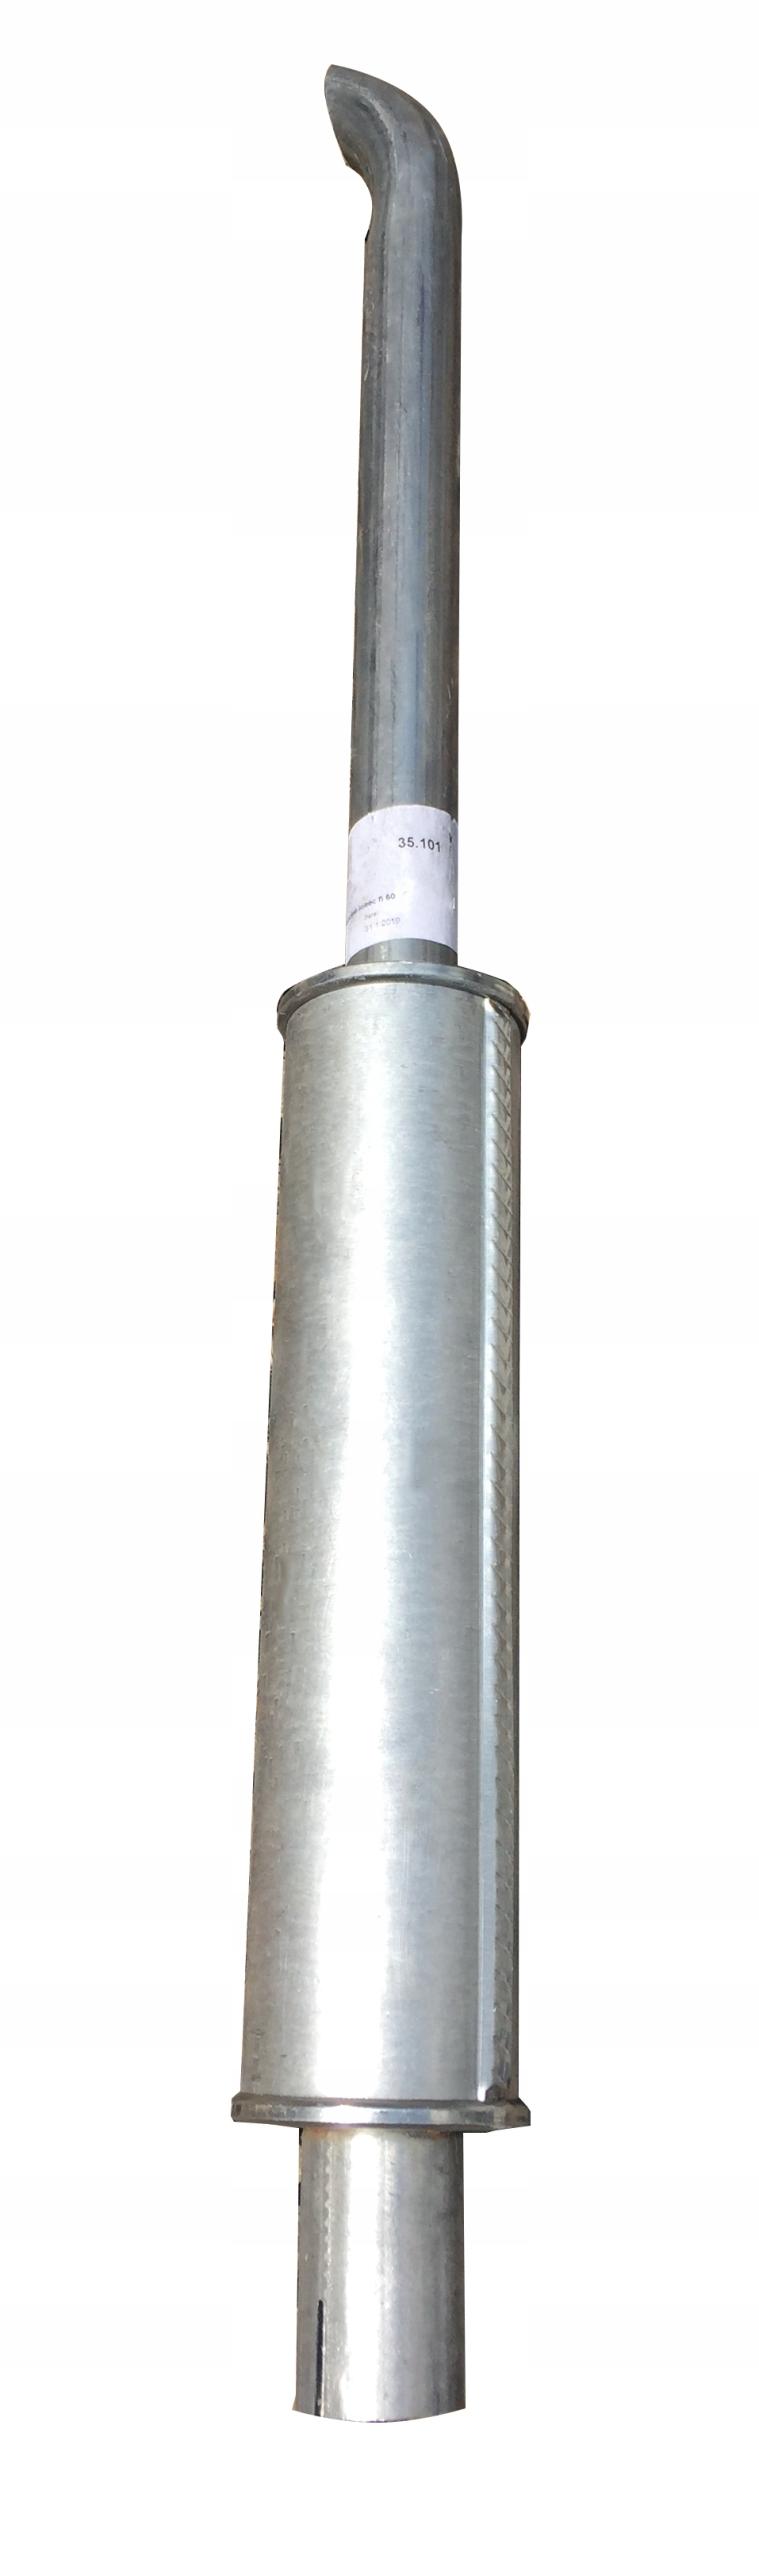 глушитель универсальный ursus трактор трактор fi 45mm